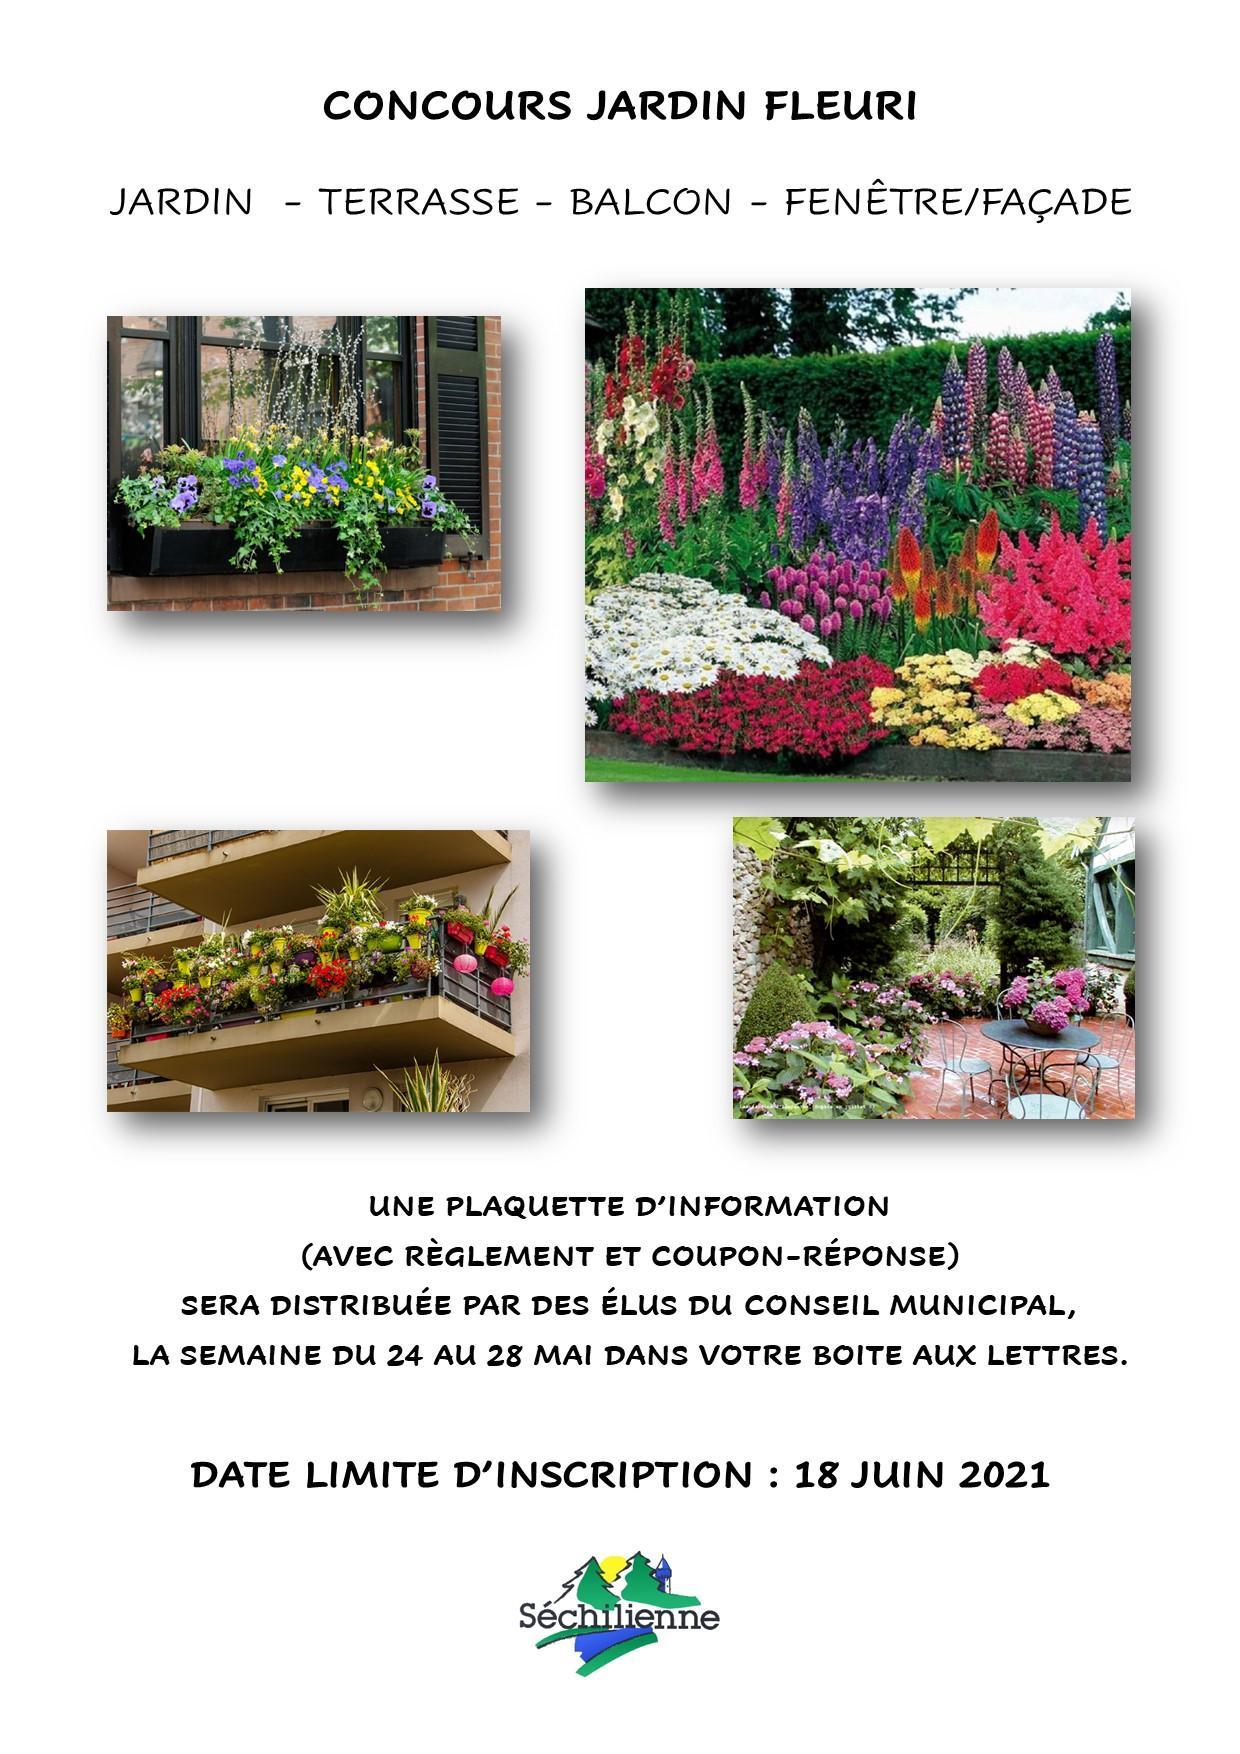 Image de couverture - Concours jardin, terrasse, balcon , fenêtre ou façade fleuris